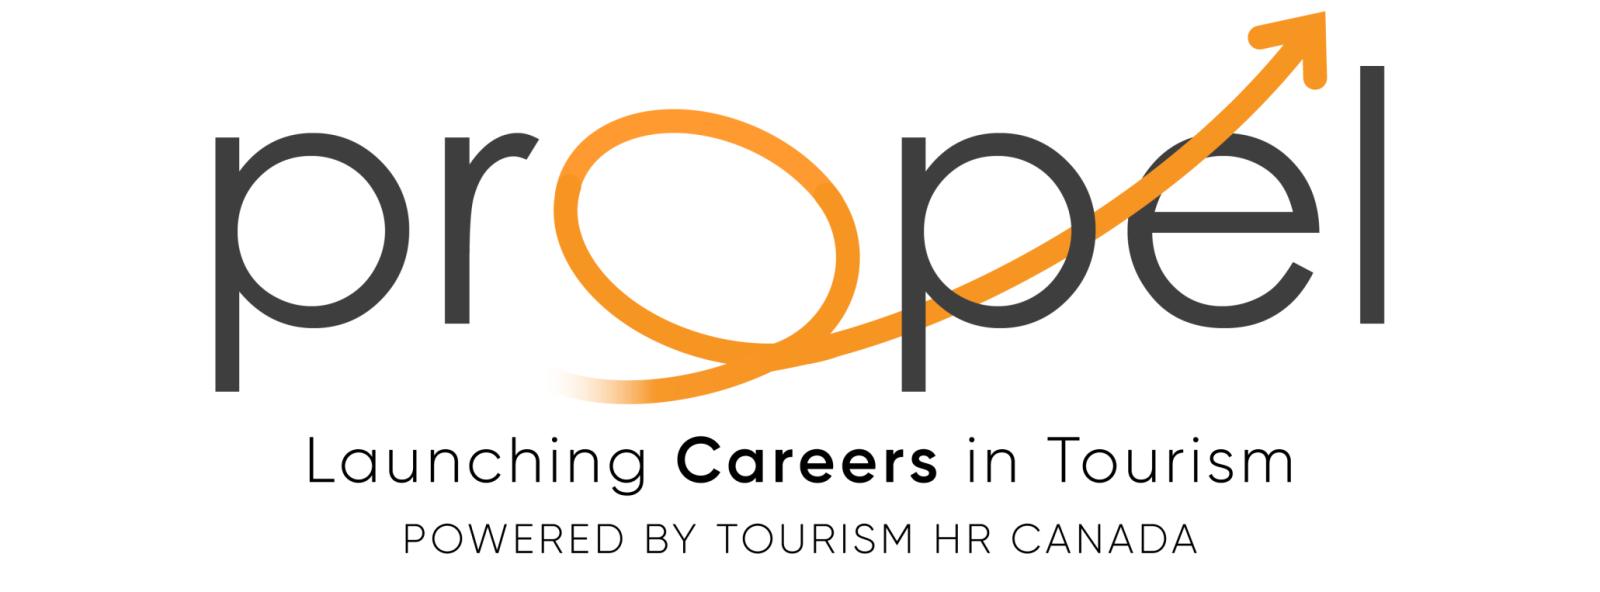 Tourism HR Canada